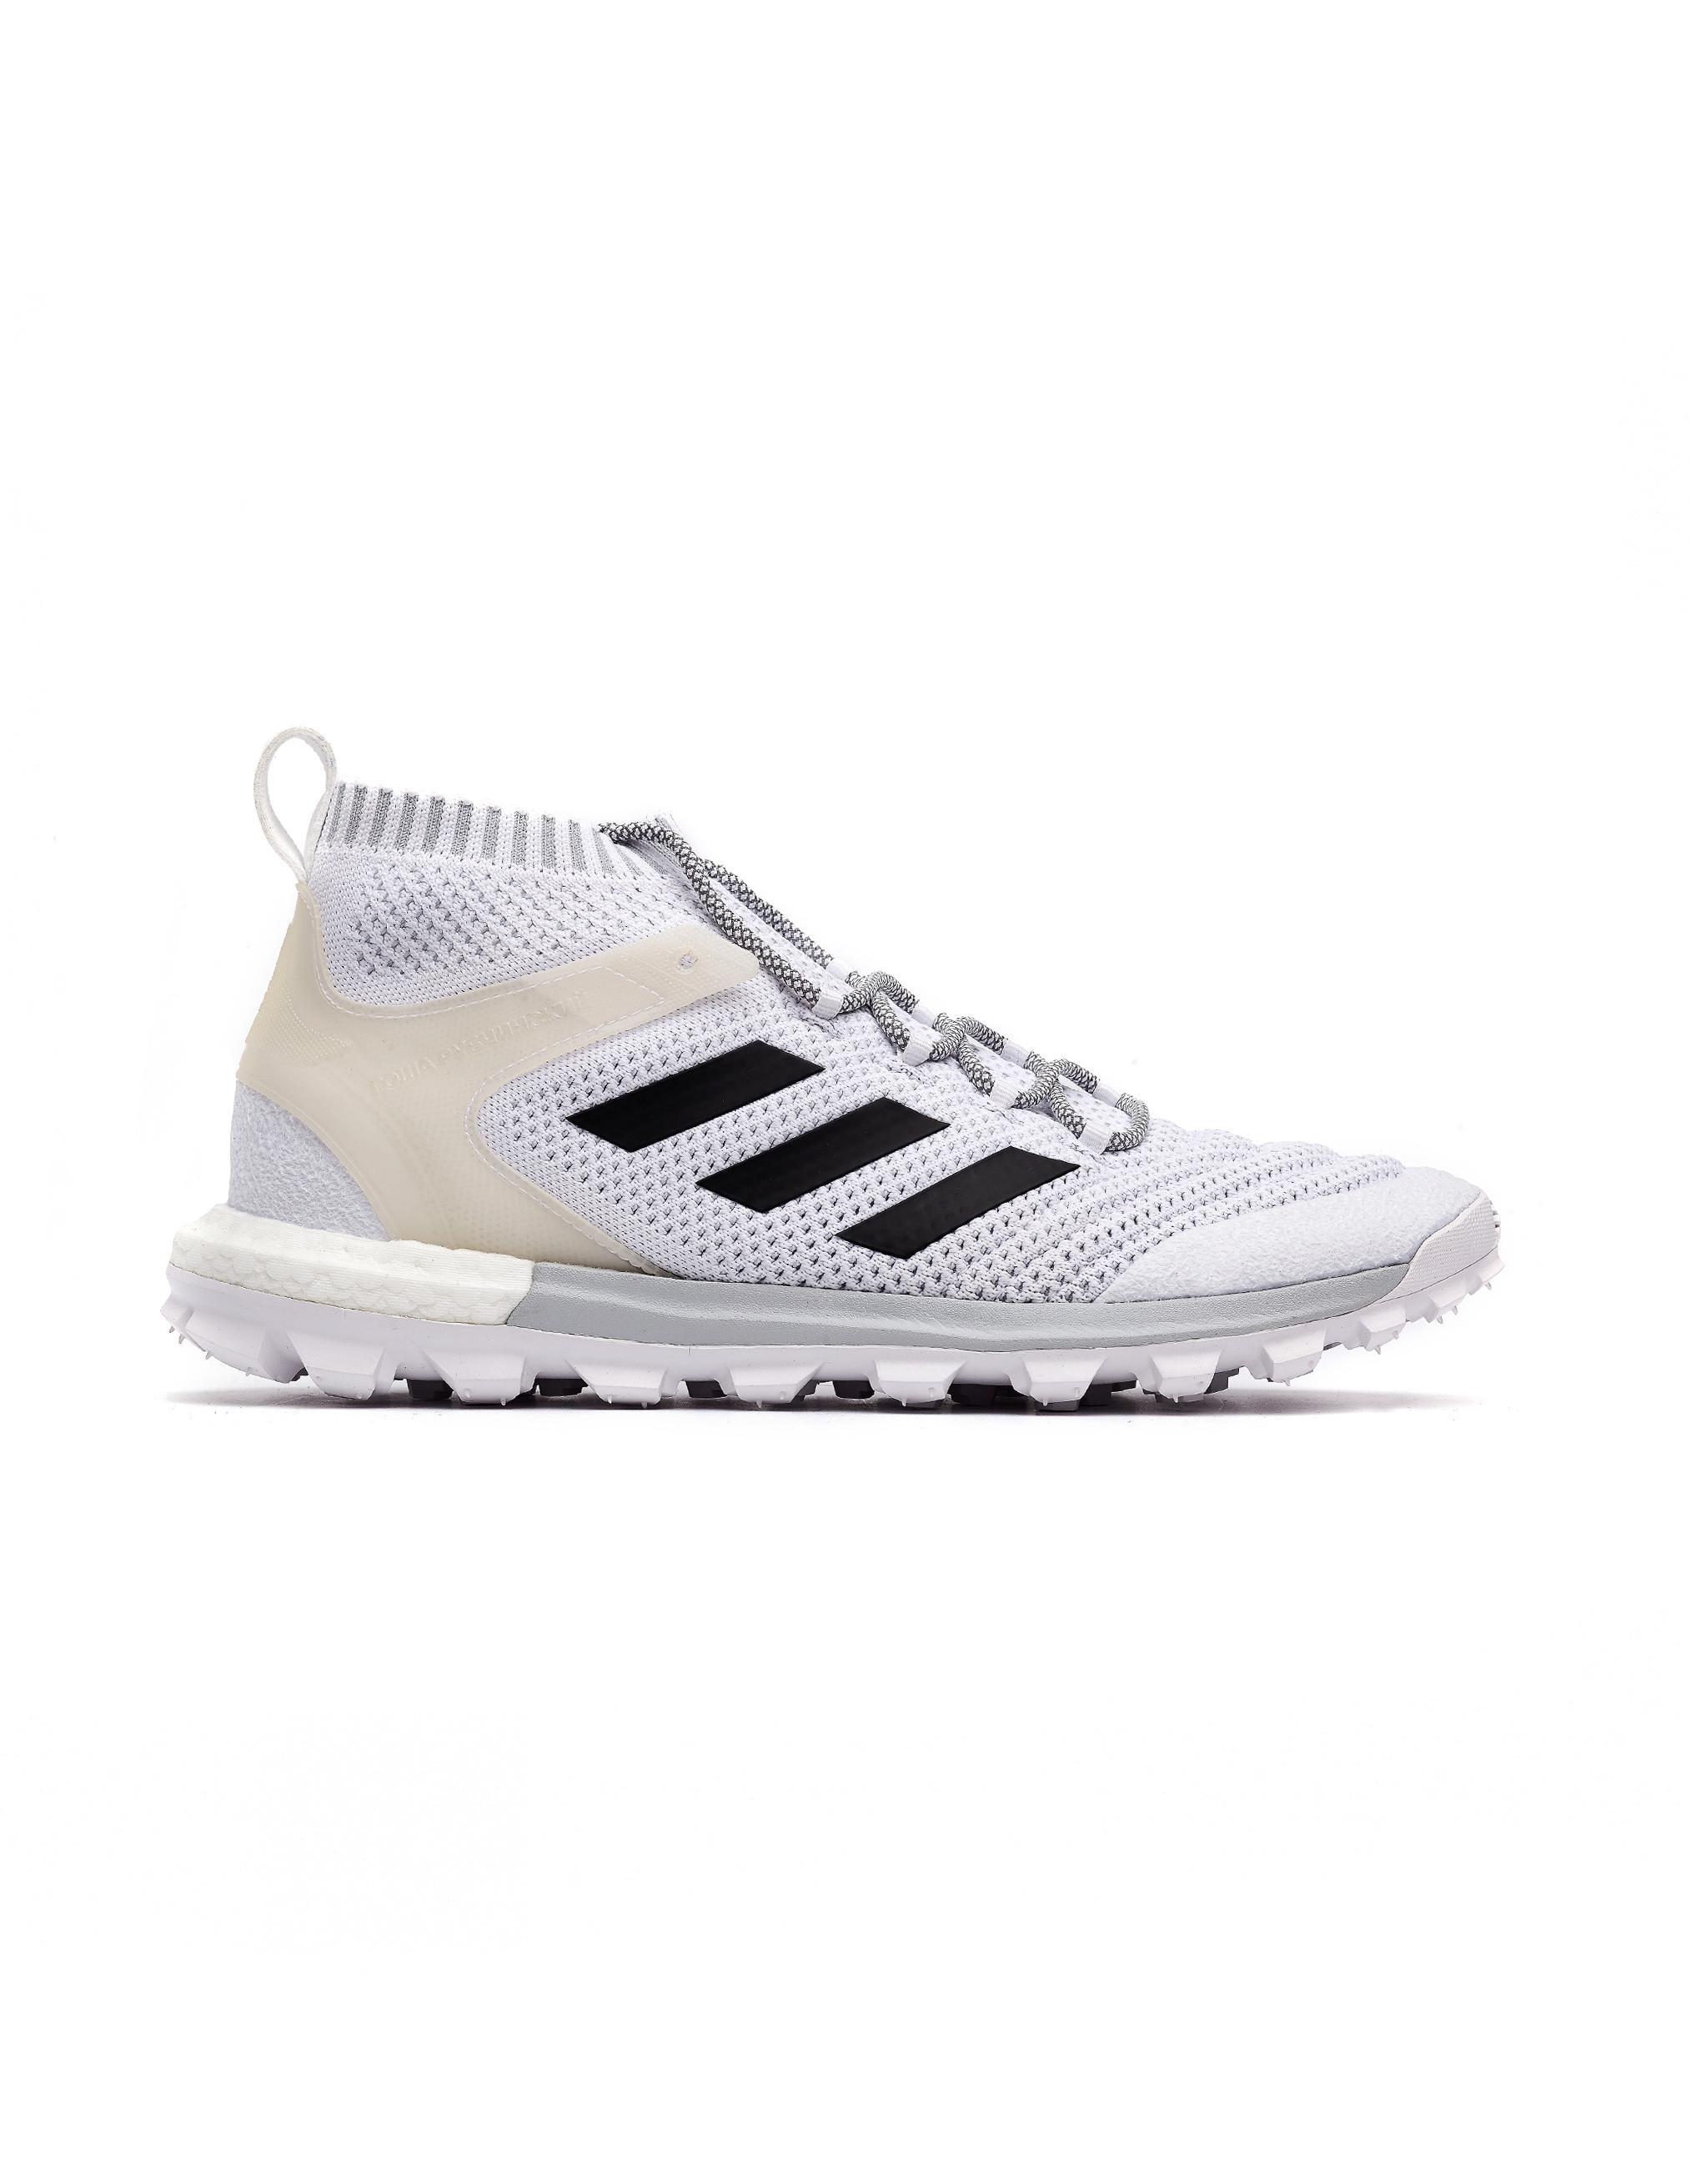 rubchinskiy en x adidas copa primeknit catalyseur gosha basket en rubchinskiy blanc 017a21